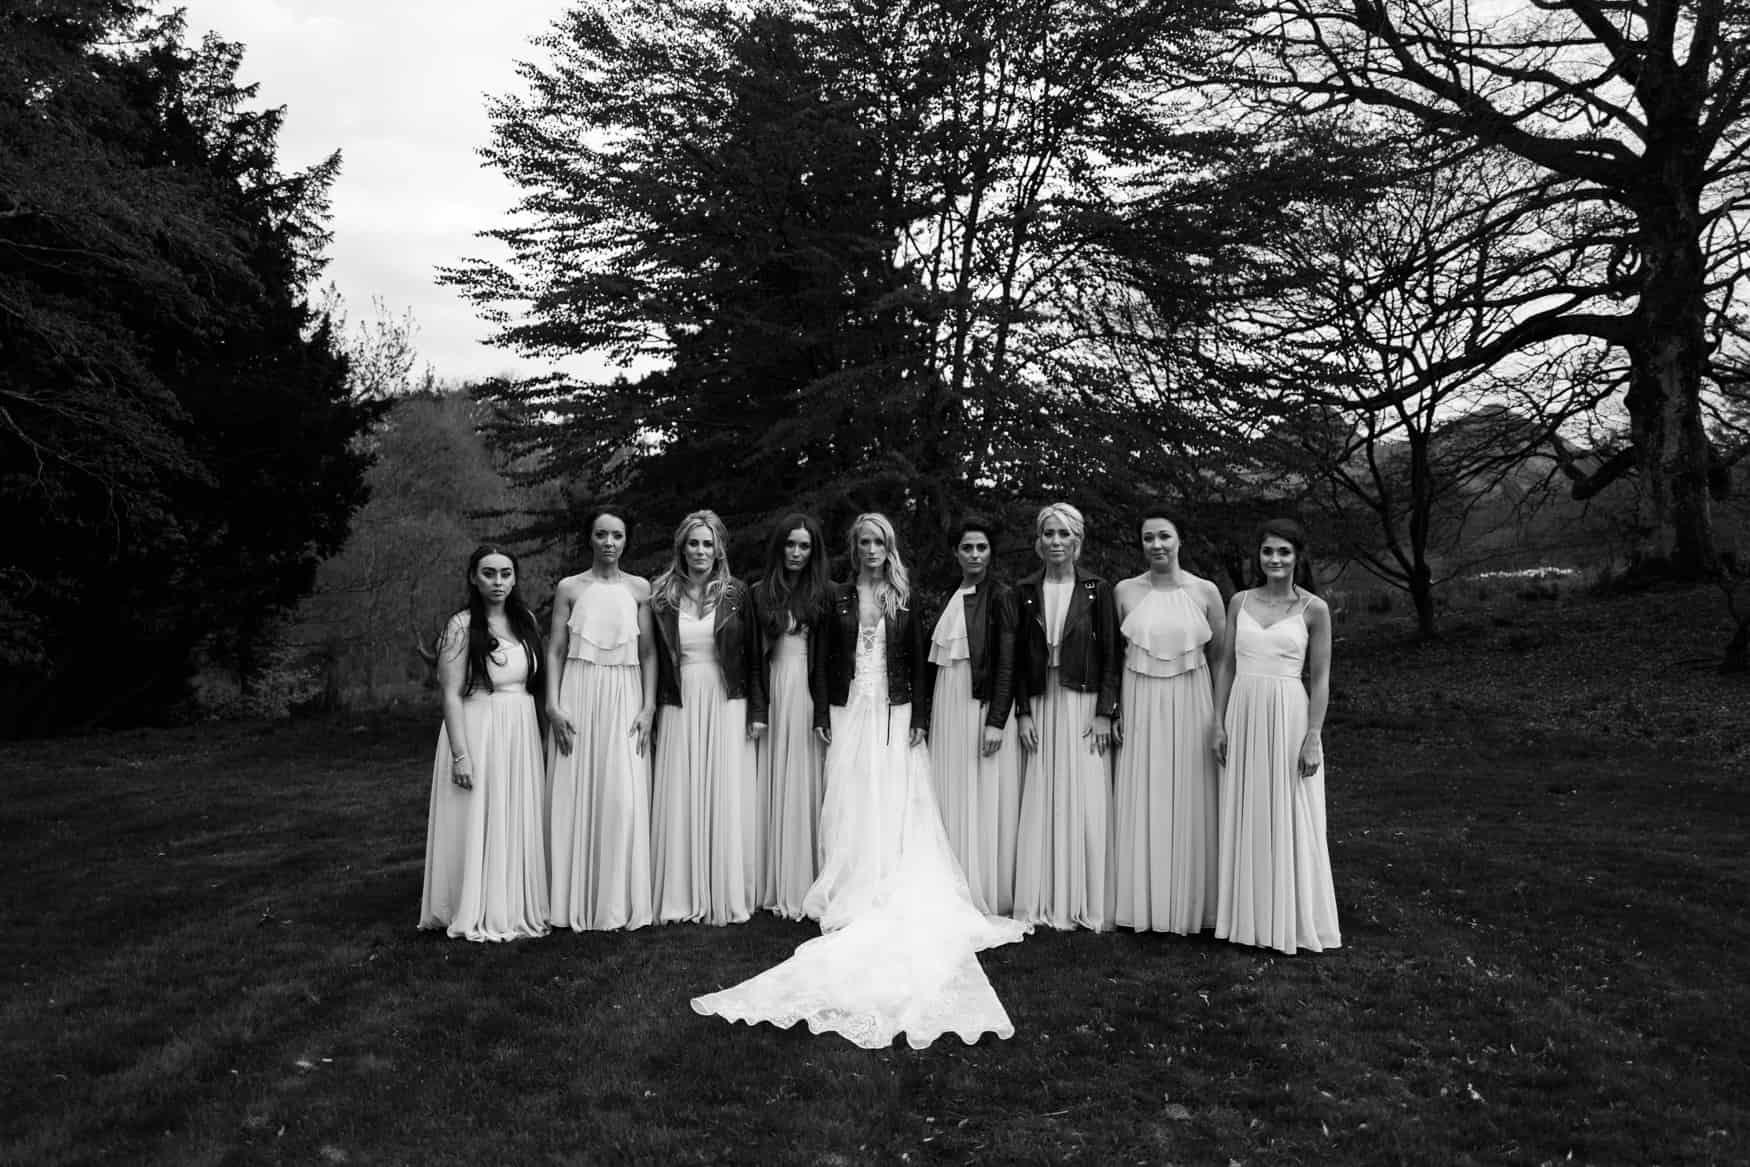 bridesmaids portrait at The Lingholm Estate